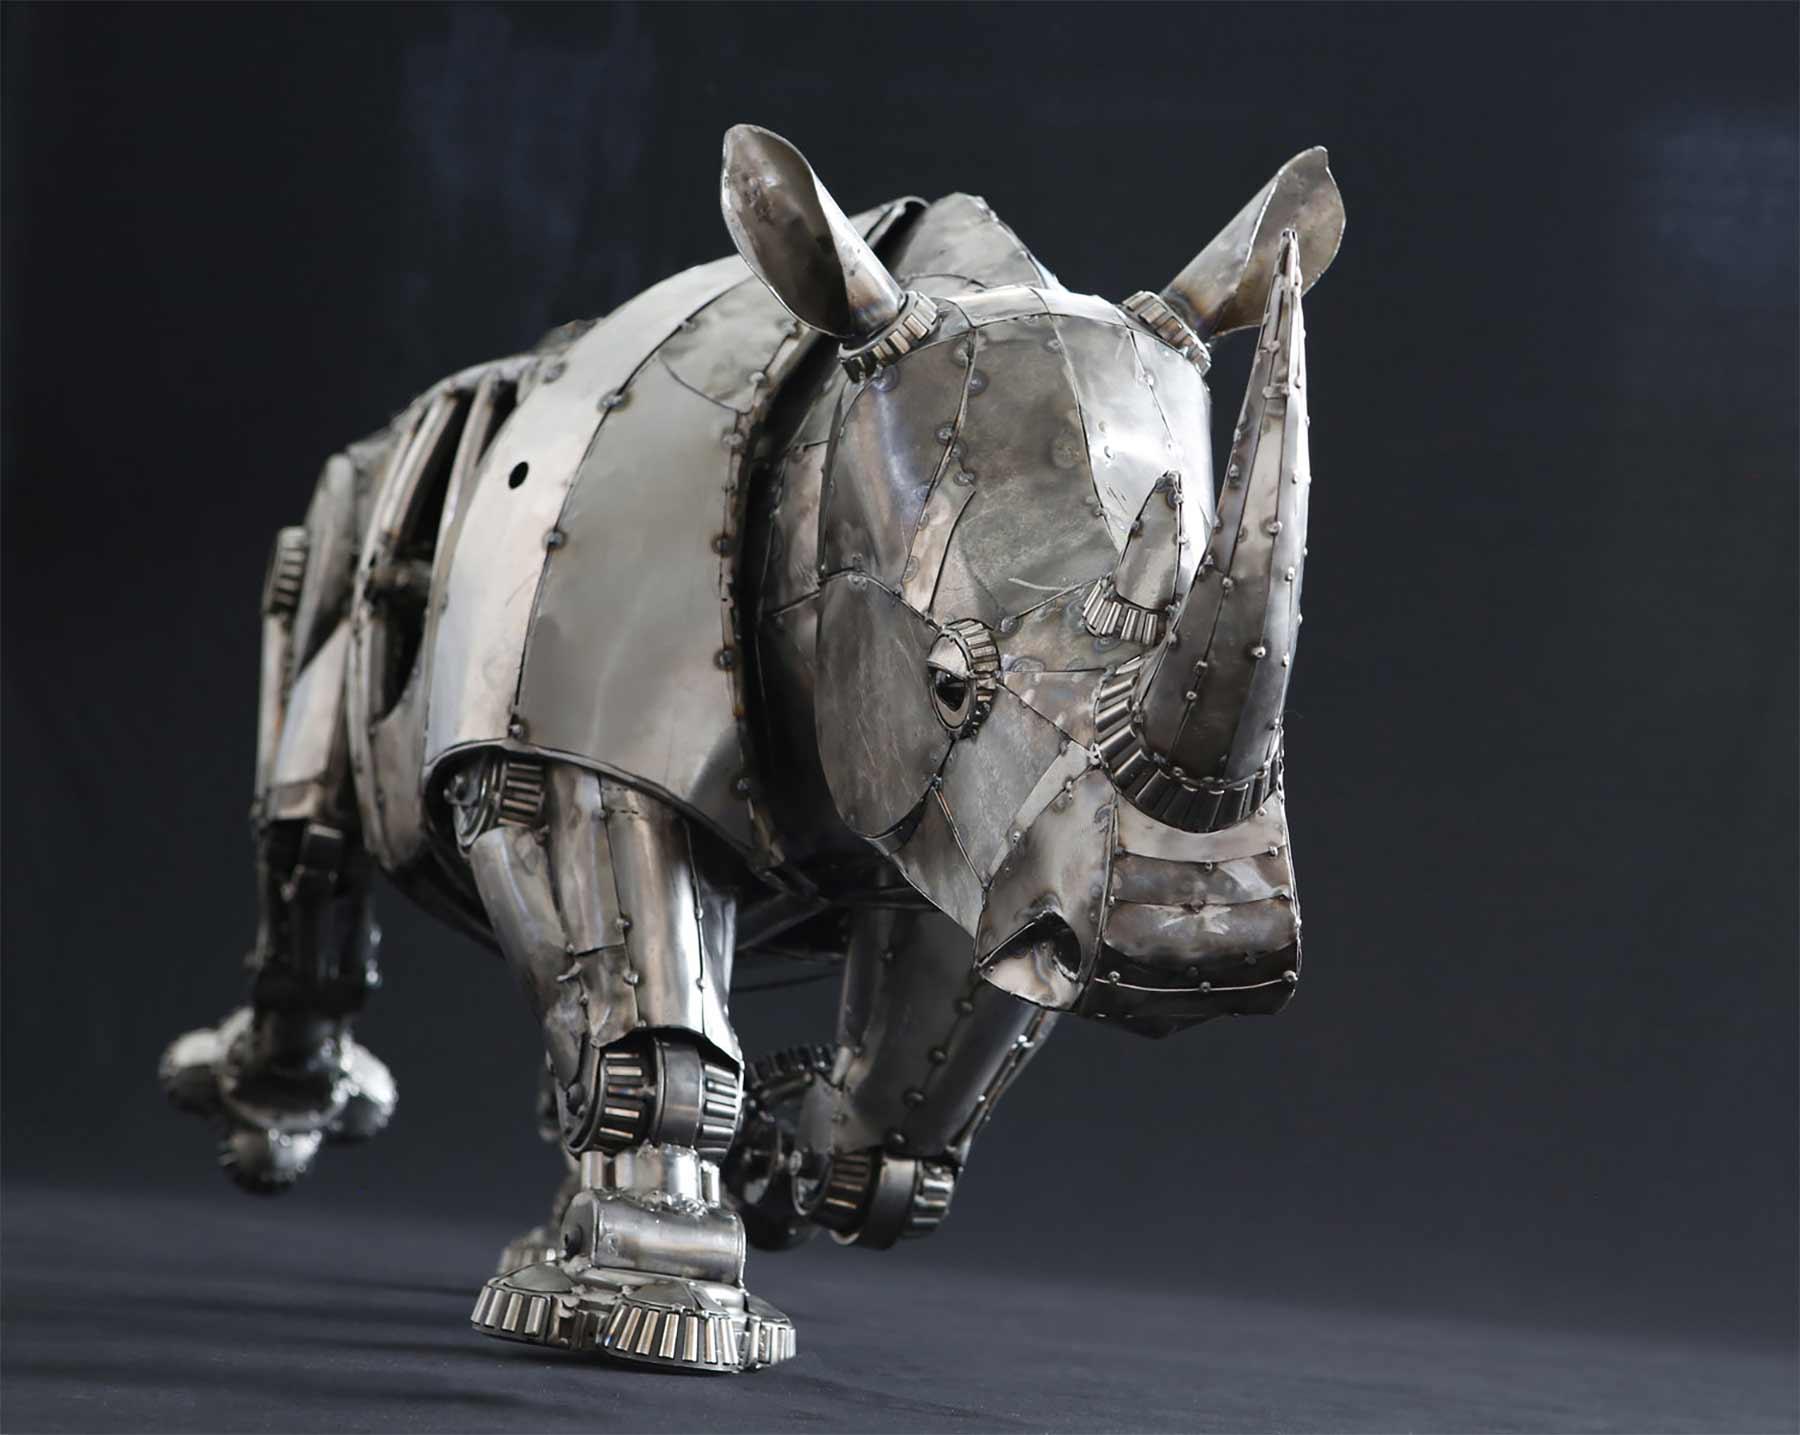 Tierskulpturen aus Metall von Andrew Chase Andrew-Chase-tierskulpturen-metall_03